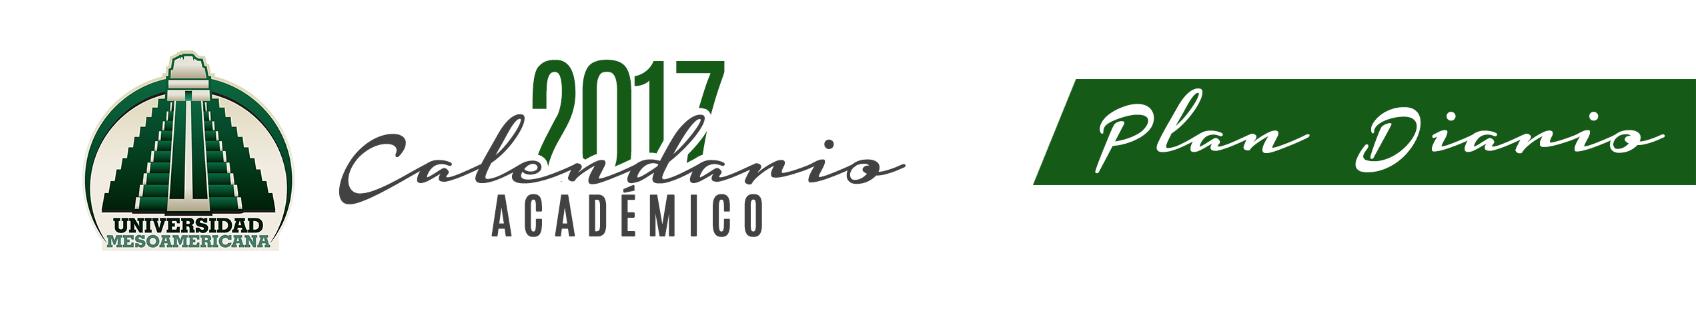 plandiario